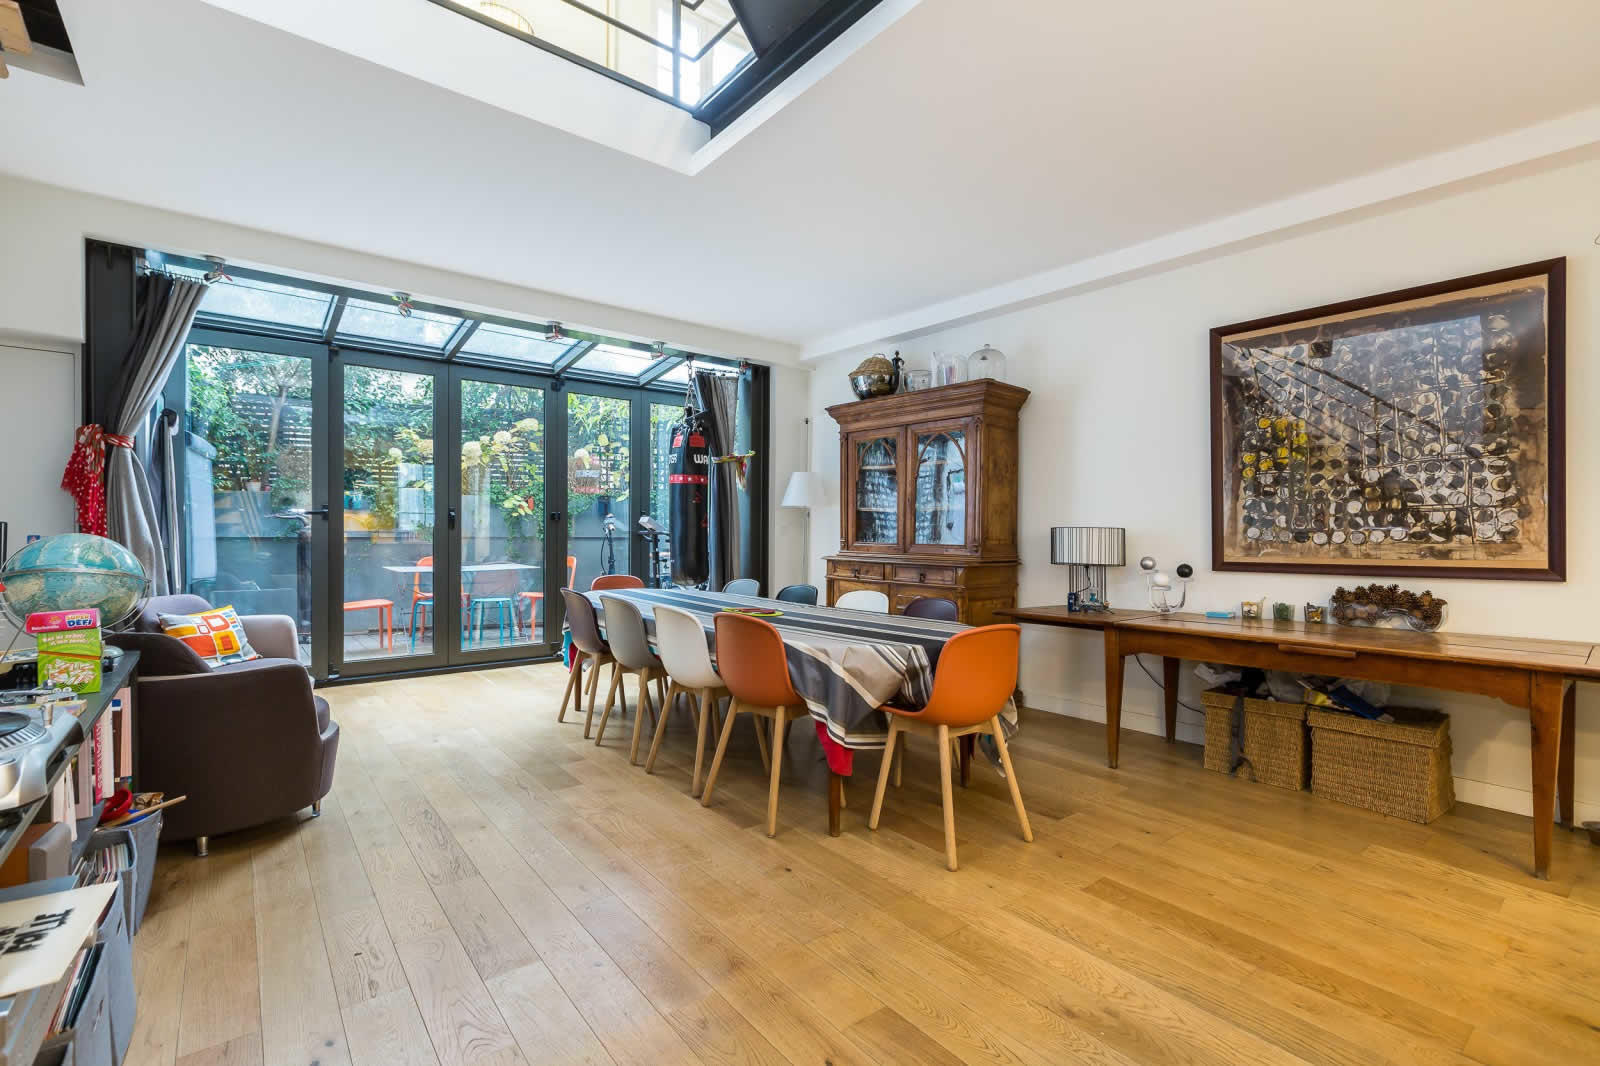 rare maison contemporaine de 198 m2 vendre montmartre paris 4 chambres terrasse. Black Bedroom Furniture Sets. Home Design Ideas